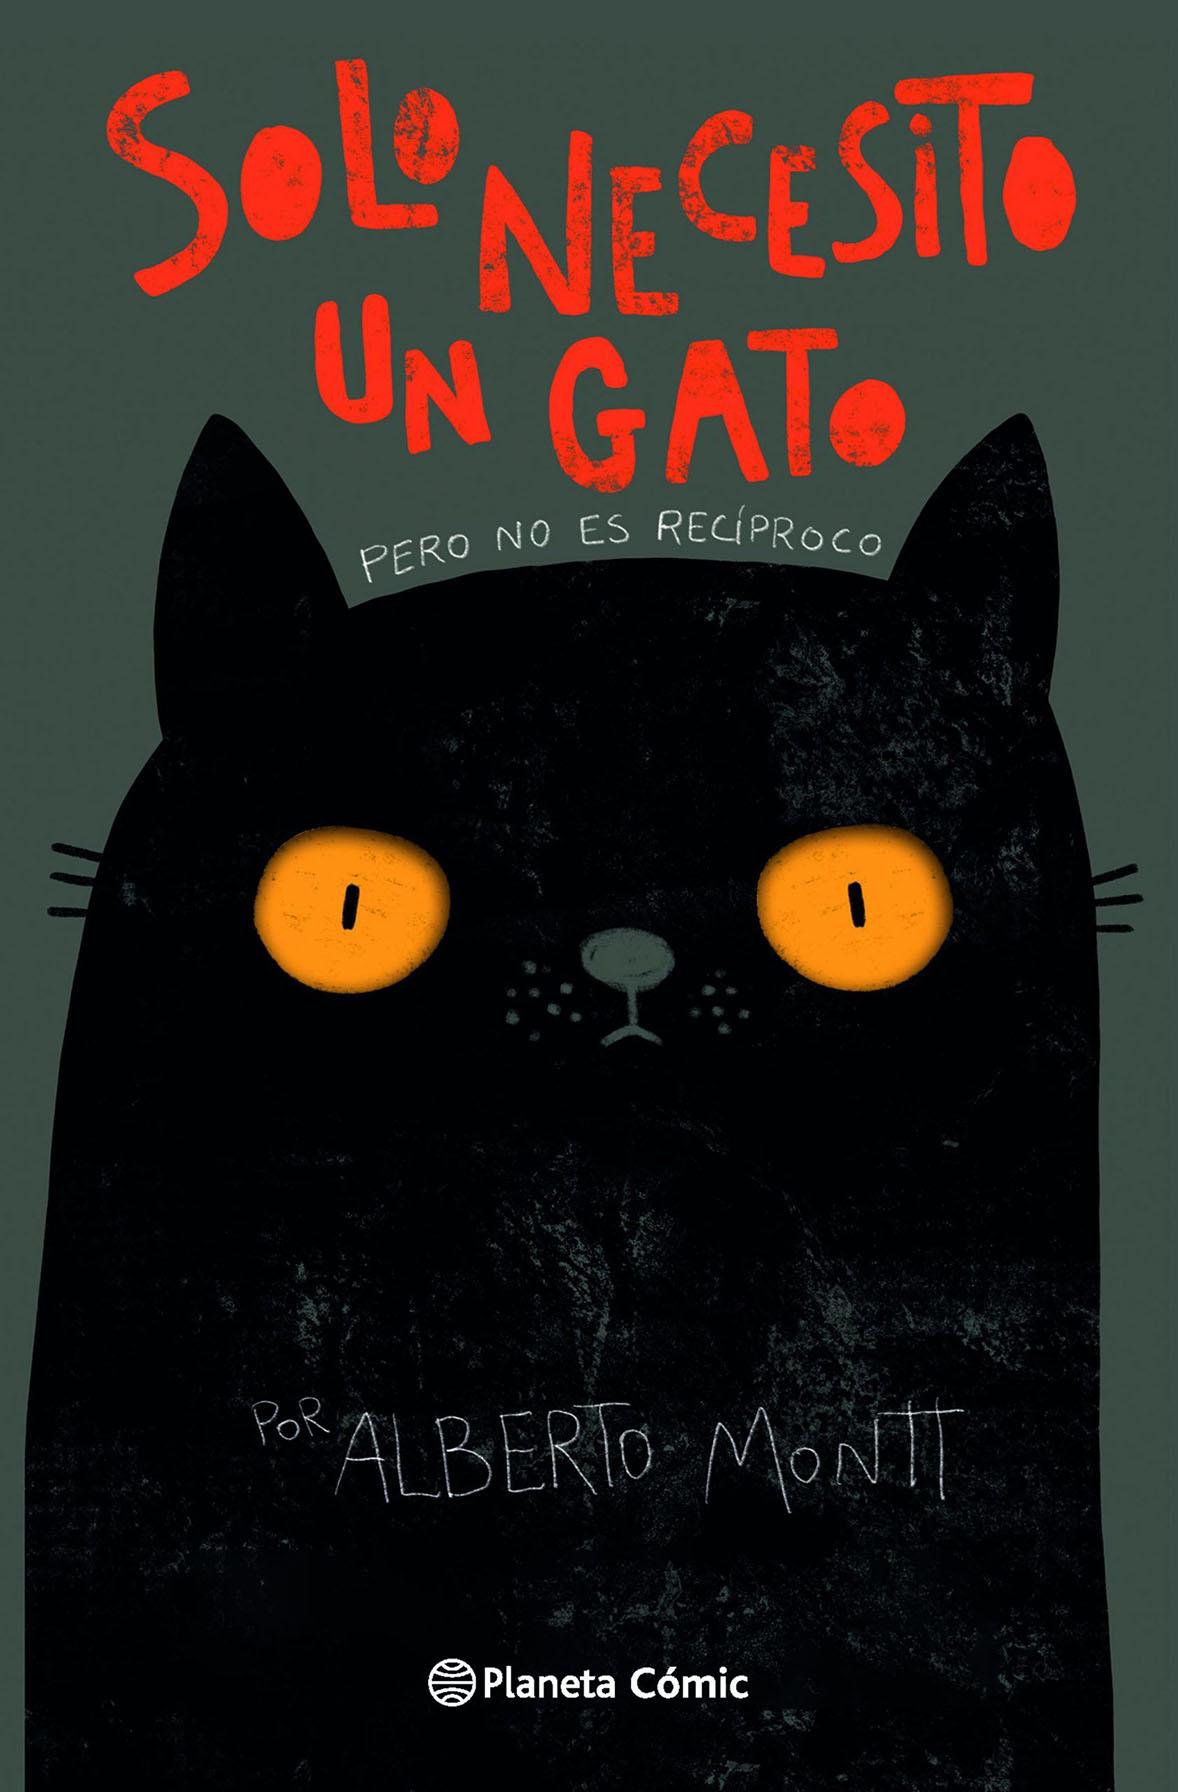 Solo necesito un gato (Alberto Montt, 2021)